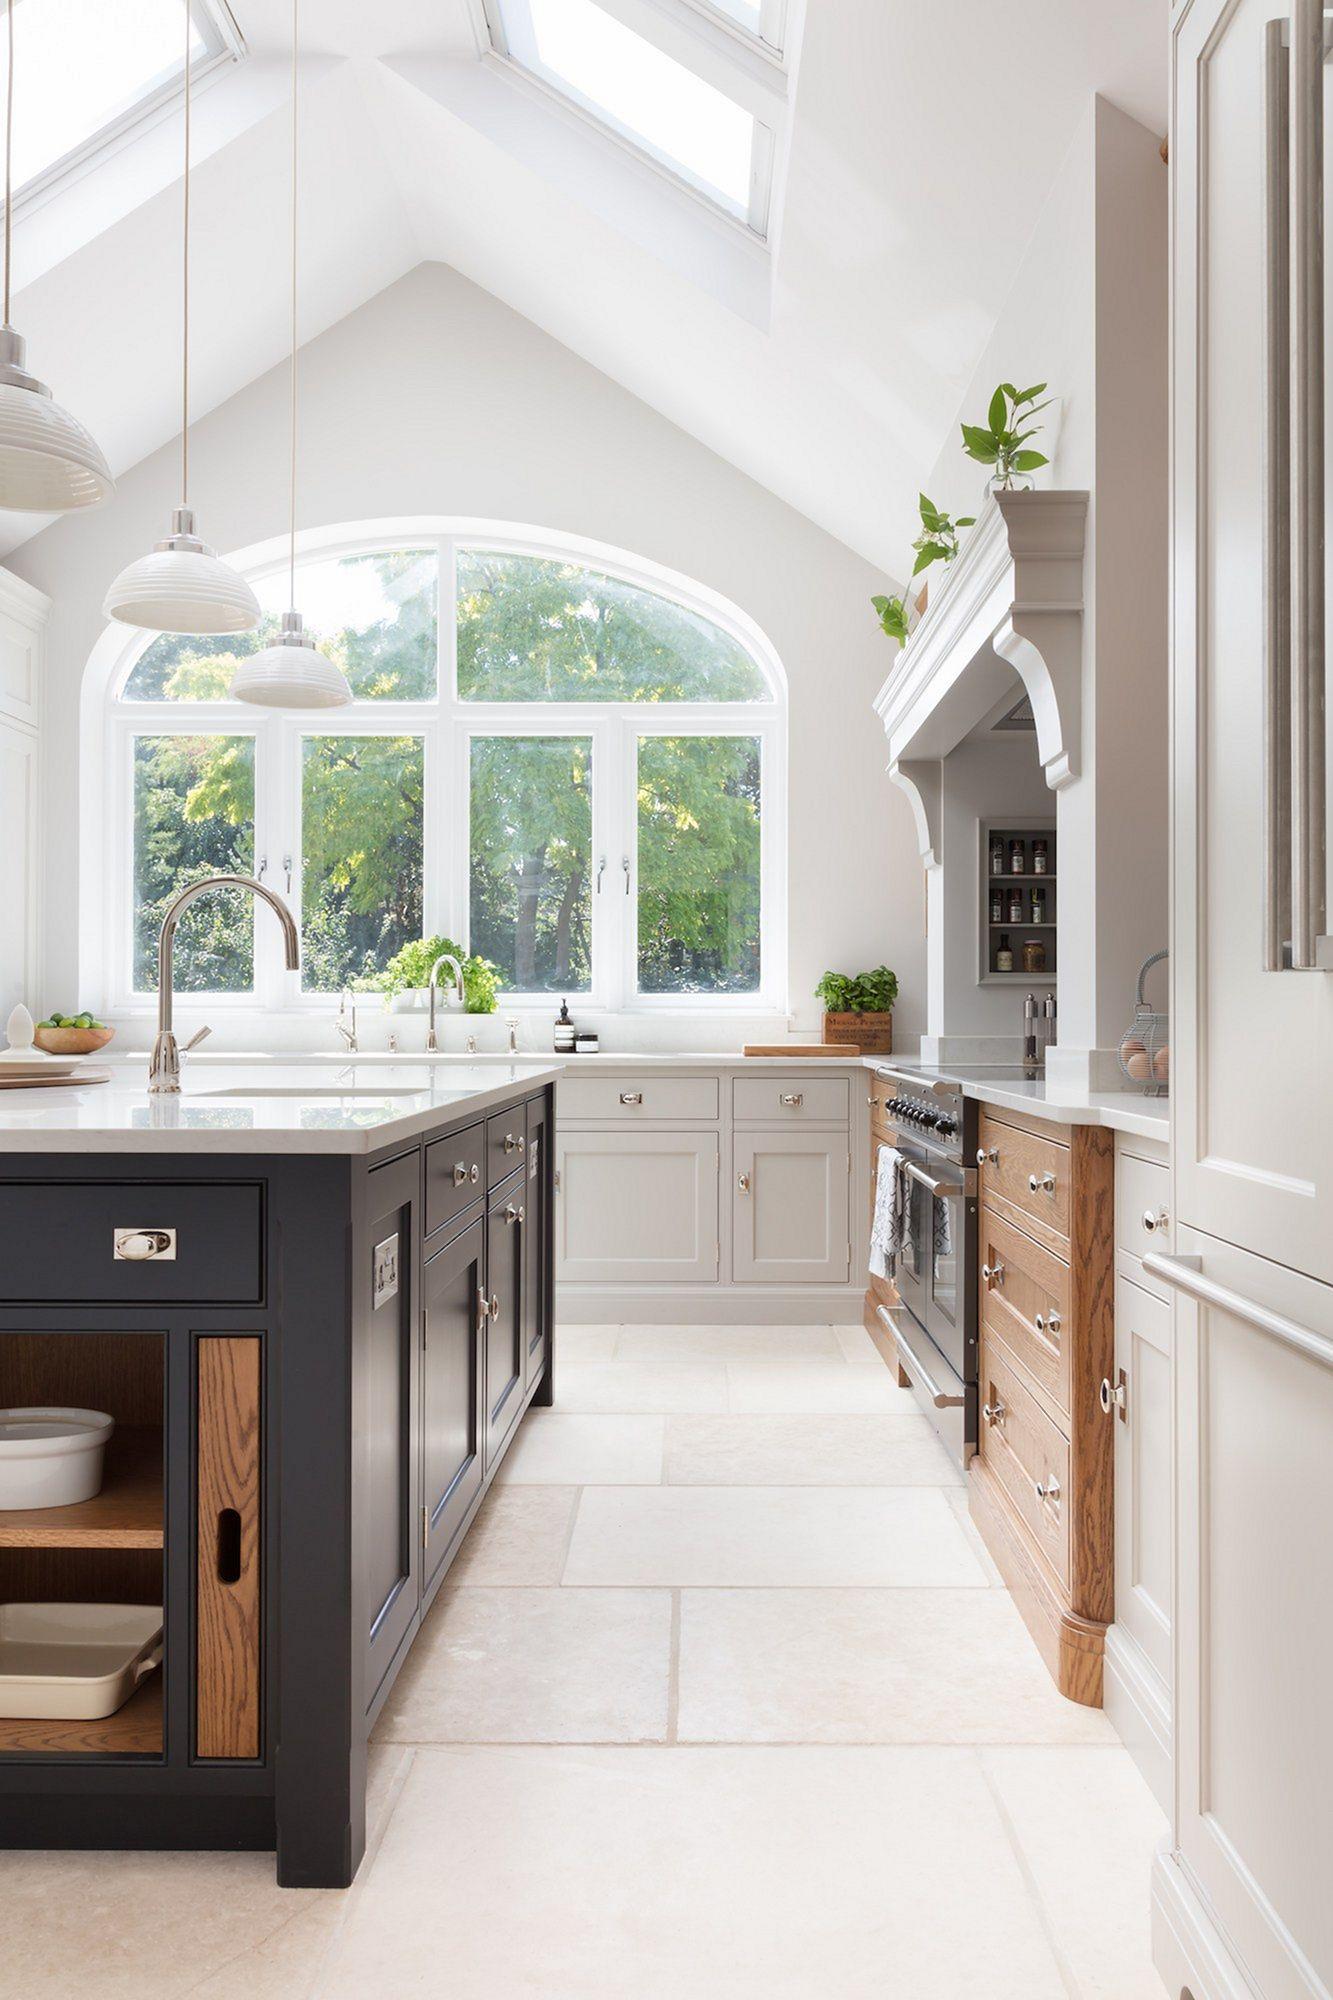 Best Traditional Kitchen Design Ideas 32